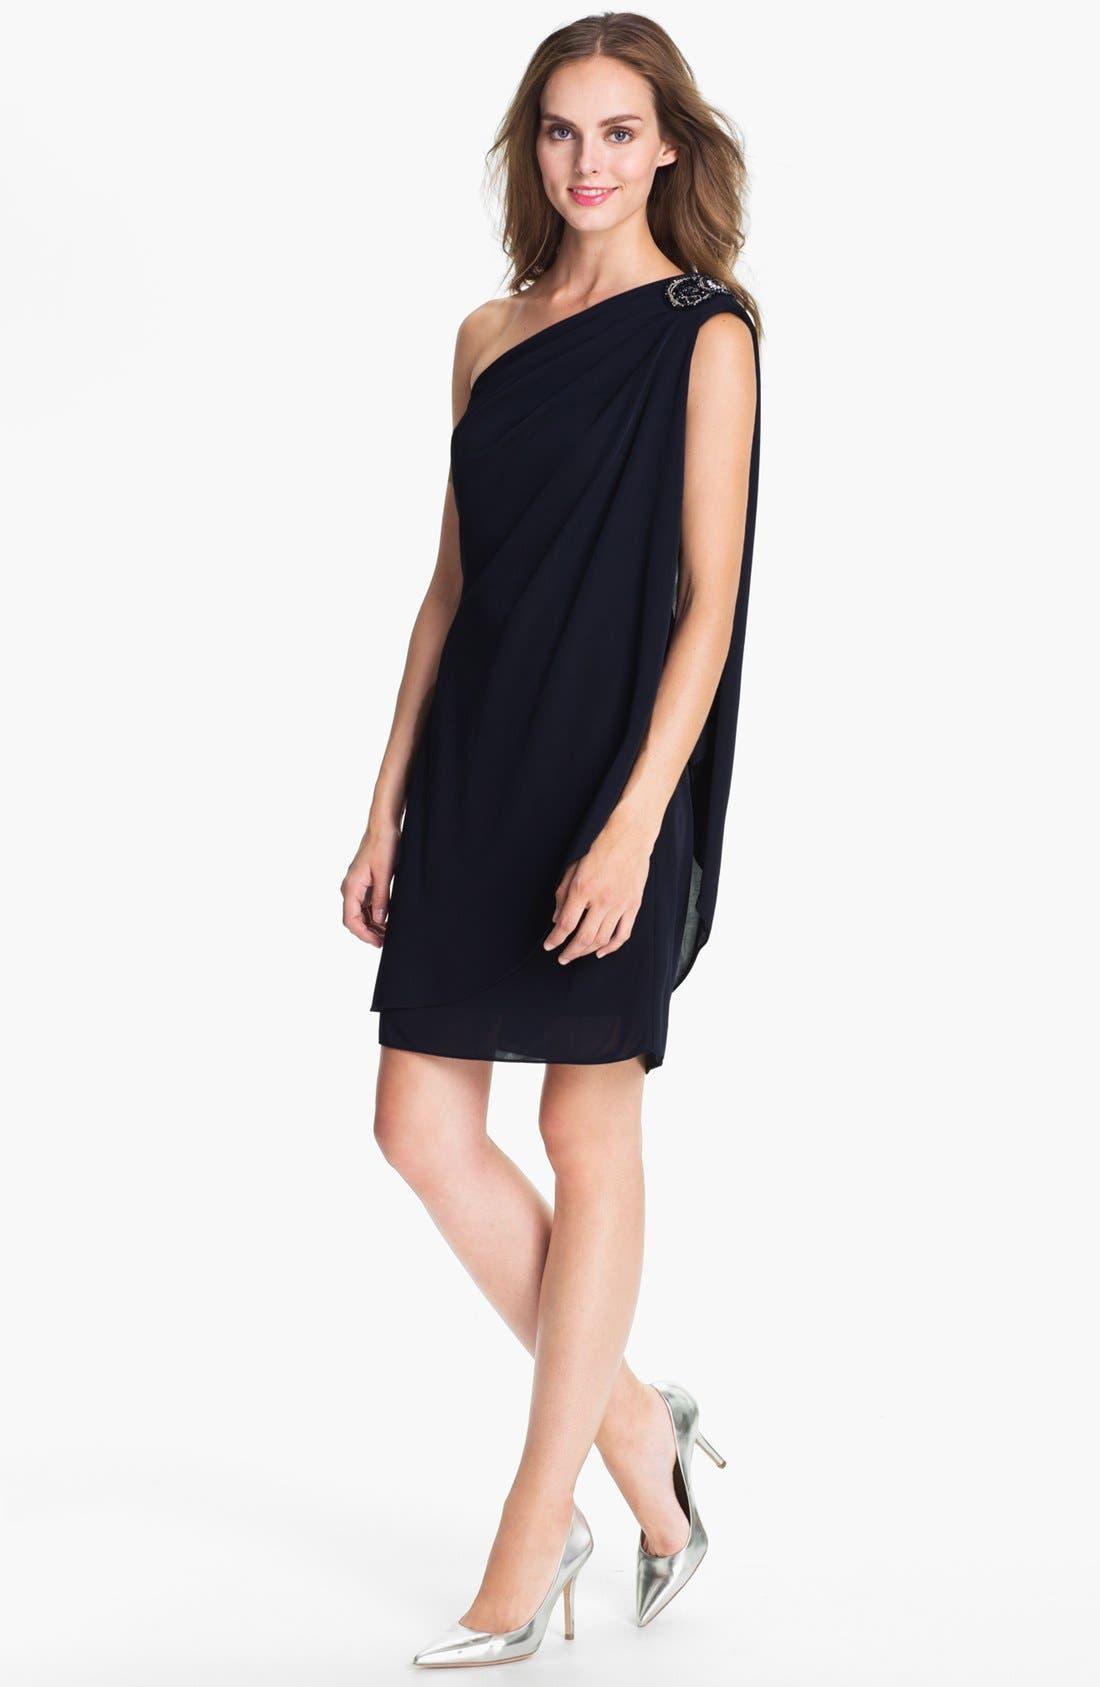 Alternate Image 1 Selected - JS Boutique Embellished One-Shoulder Mesh Dress